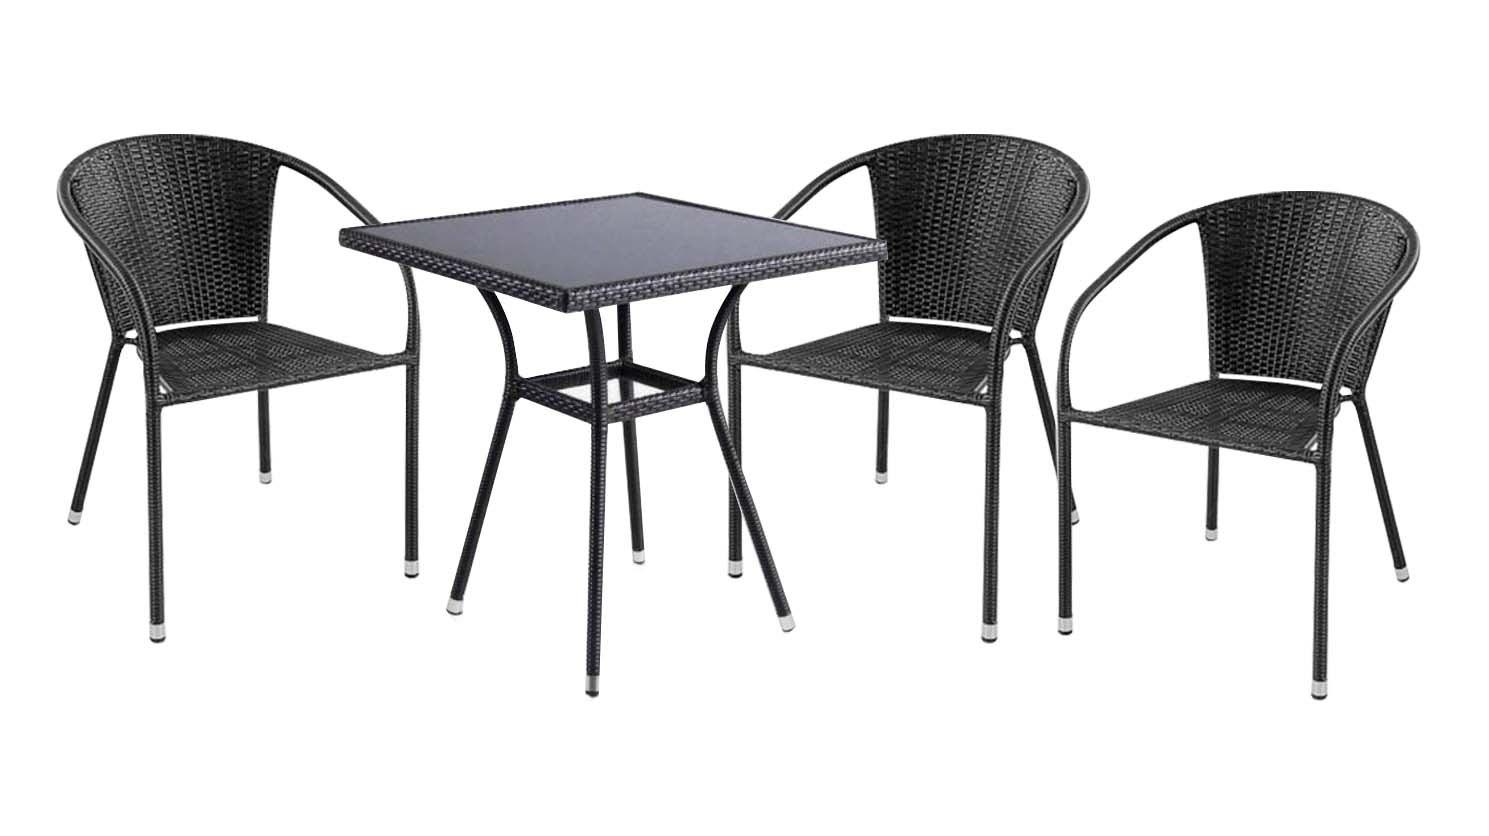 Комплект садовой мебели 3+1 T282B Y-137C 3PCSПлетеная мебель из искусственного ротанга<br>Цвет как на дополнительной картинке!<br><br>Артикул: T282B Y-137C 3PCS<br>Материалы: Искусственный ротанг, стекло закаленное - 6 мм<br>Каркас: Сталь<br>Полный размер: Стол: 70х70 В74; Кресло: 58х60 В78<br>Комплектация: 1 стол, 3 кресла<br>Цвет: Dark brown<br>Изготовление и доставка: 2-3 дня<br>Условия доставки: Бесплатная по Москве до подъезда<br>Условие оплаты: Оплата наличными при получении товара<br>Производство: Китай<br>Производитель: Афина Мебель